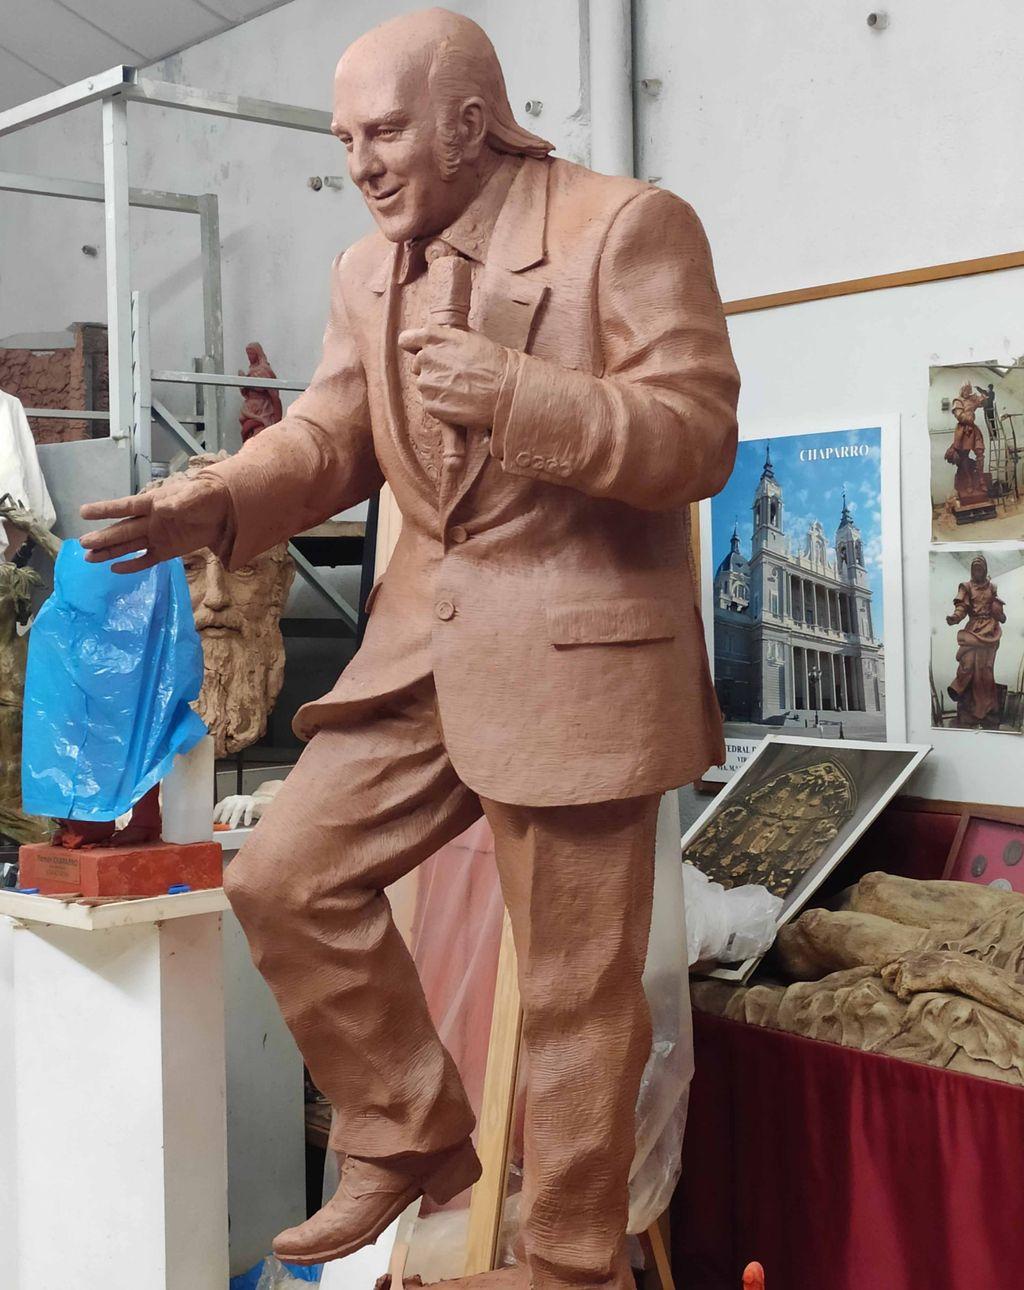 Boceto de escultura de Chiquito de la Calzada